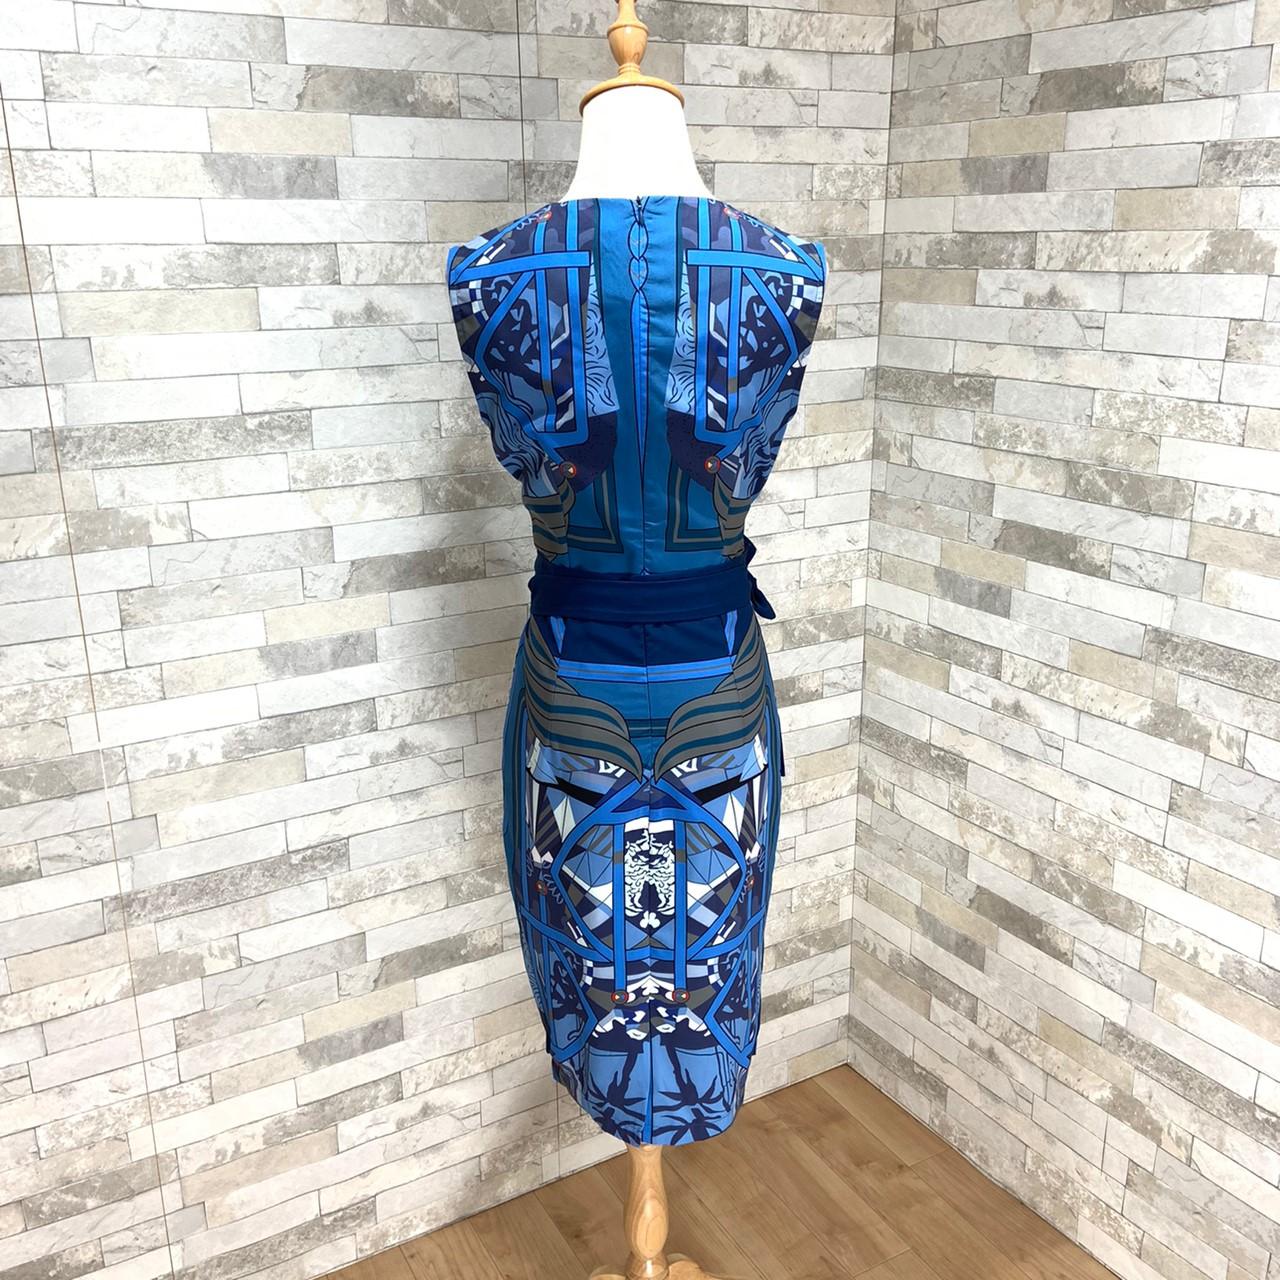 【即納】韓国 ファッション ワンピース パーティードレス ひざ丈 ミディアム 夏 春 パーティー ブライダル SPTXB517 結婚式 お呼ばれ ゴージャス レトロ スカーフ 二次会 セレブ きれいめの写真11枚目